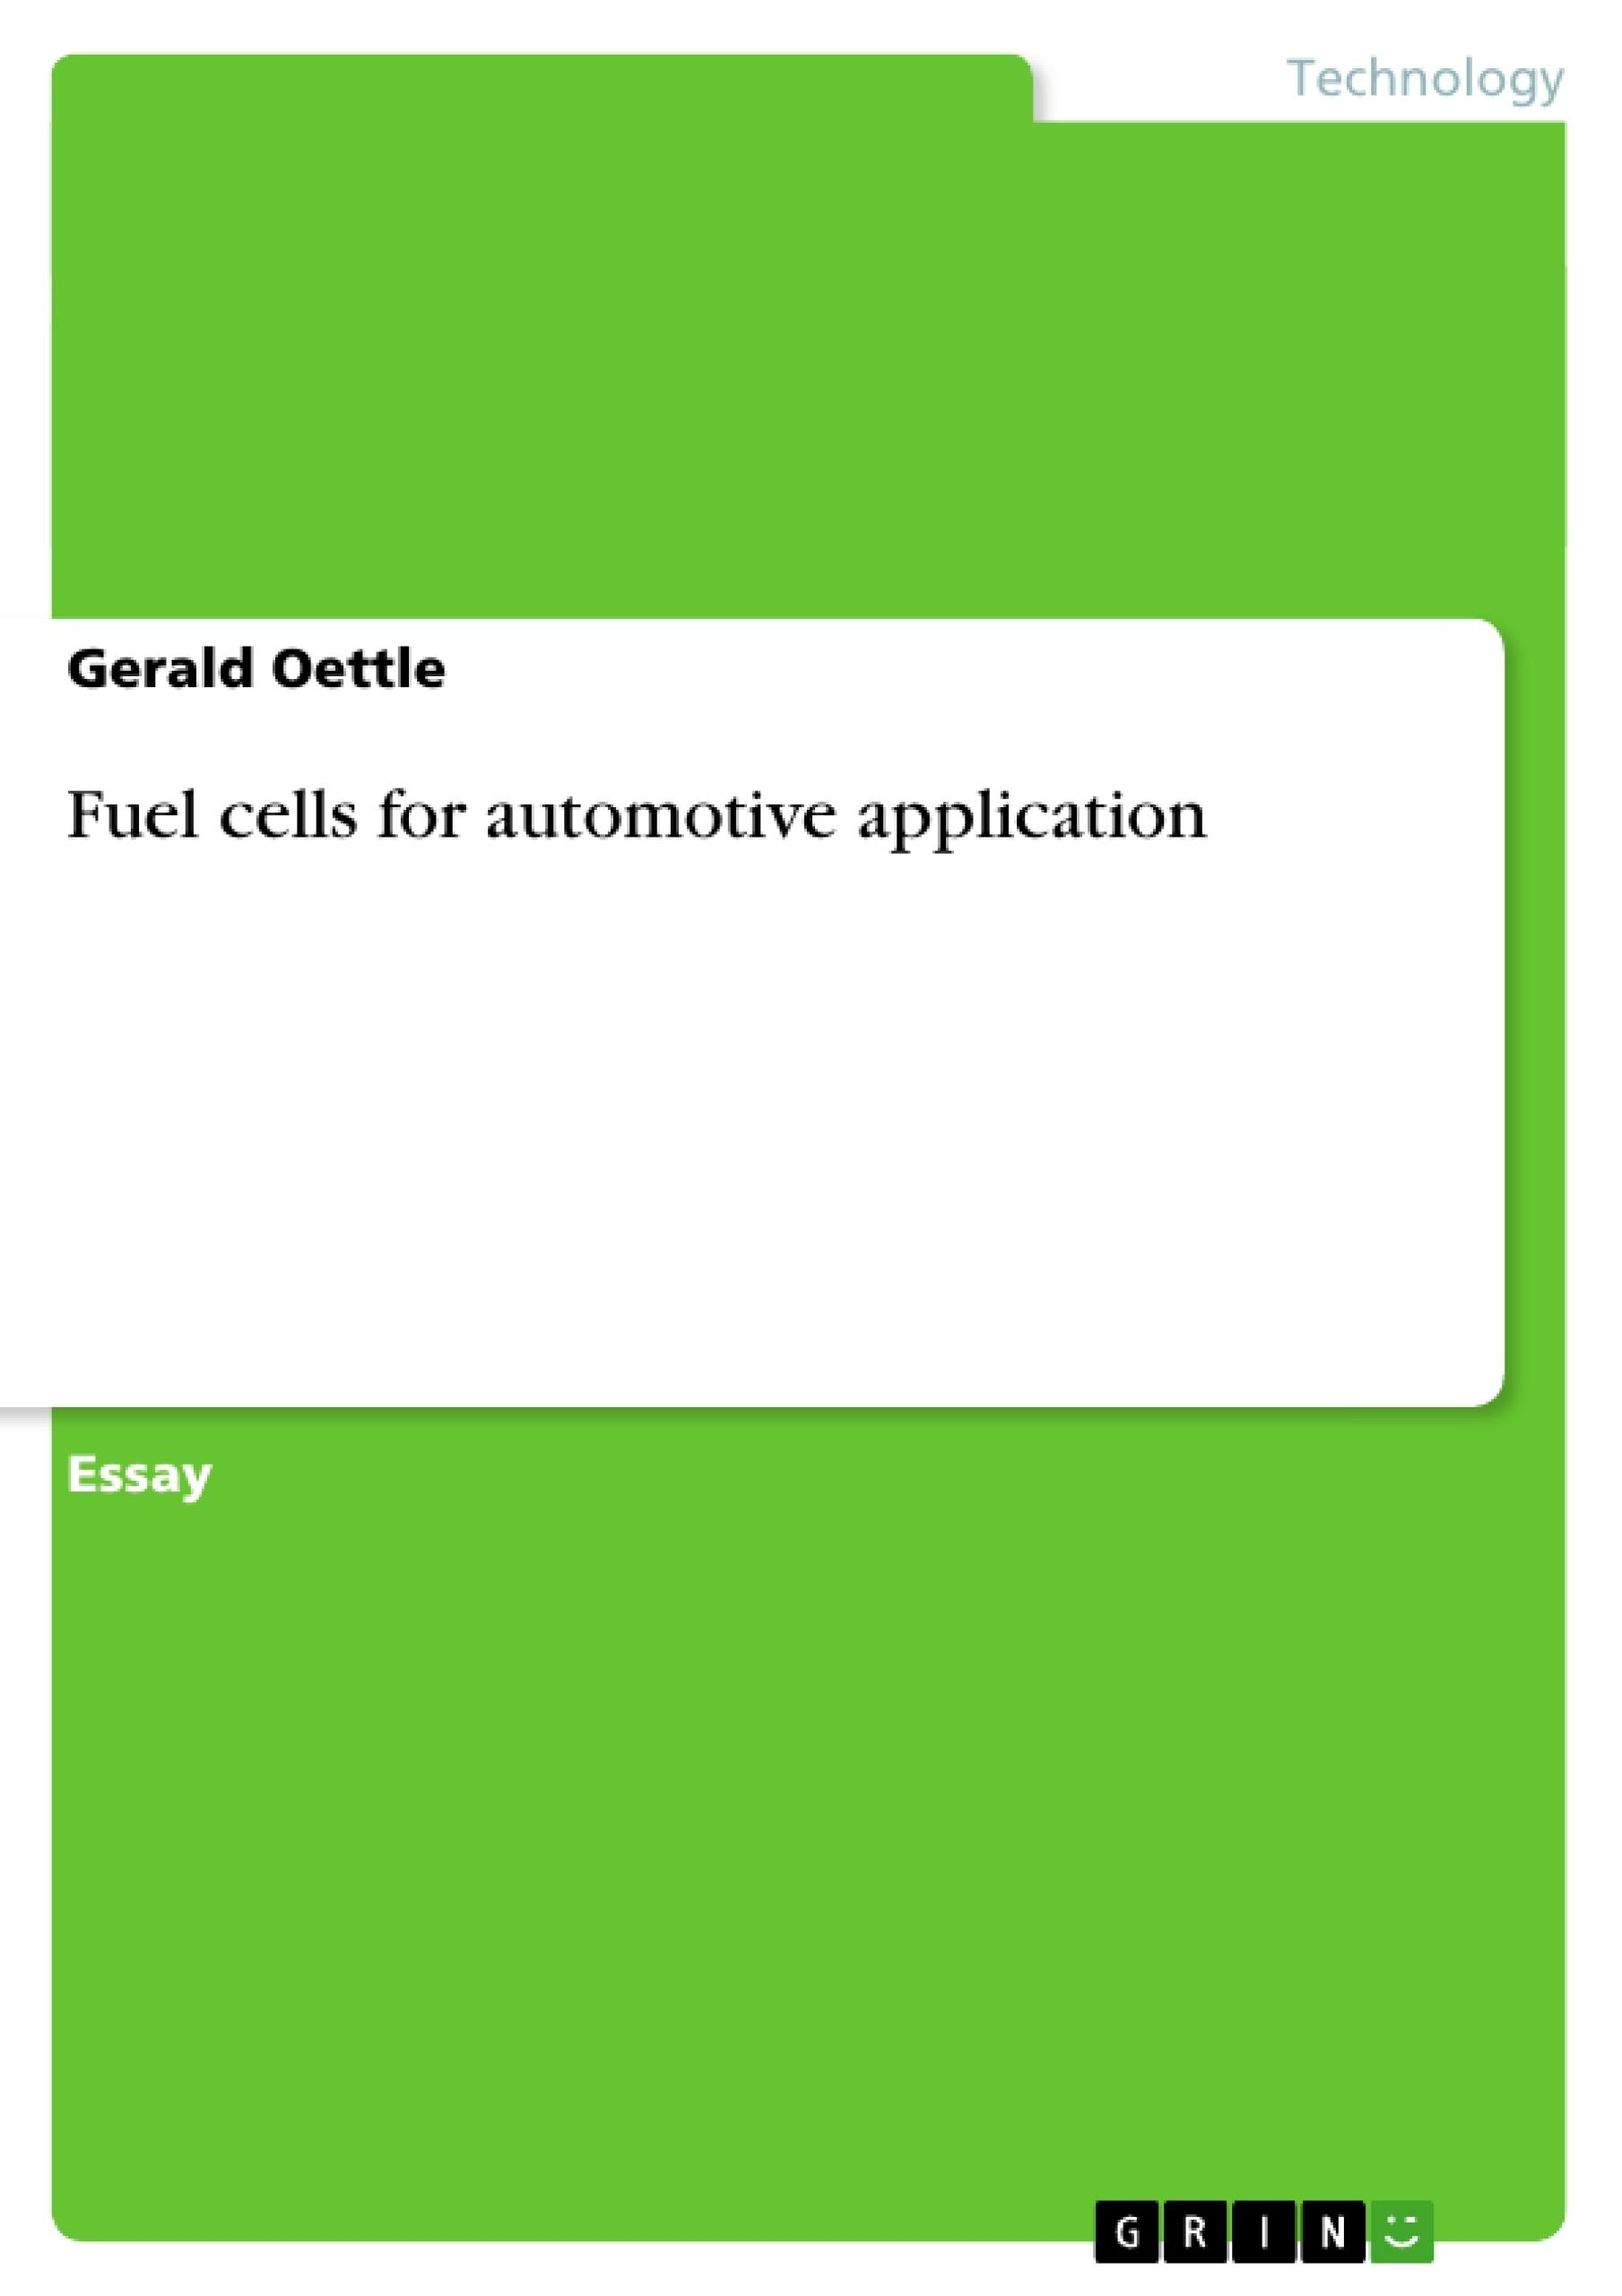 Title: Fuel cells for automotive application